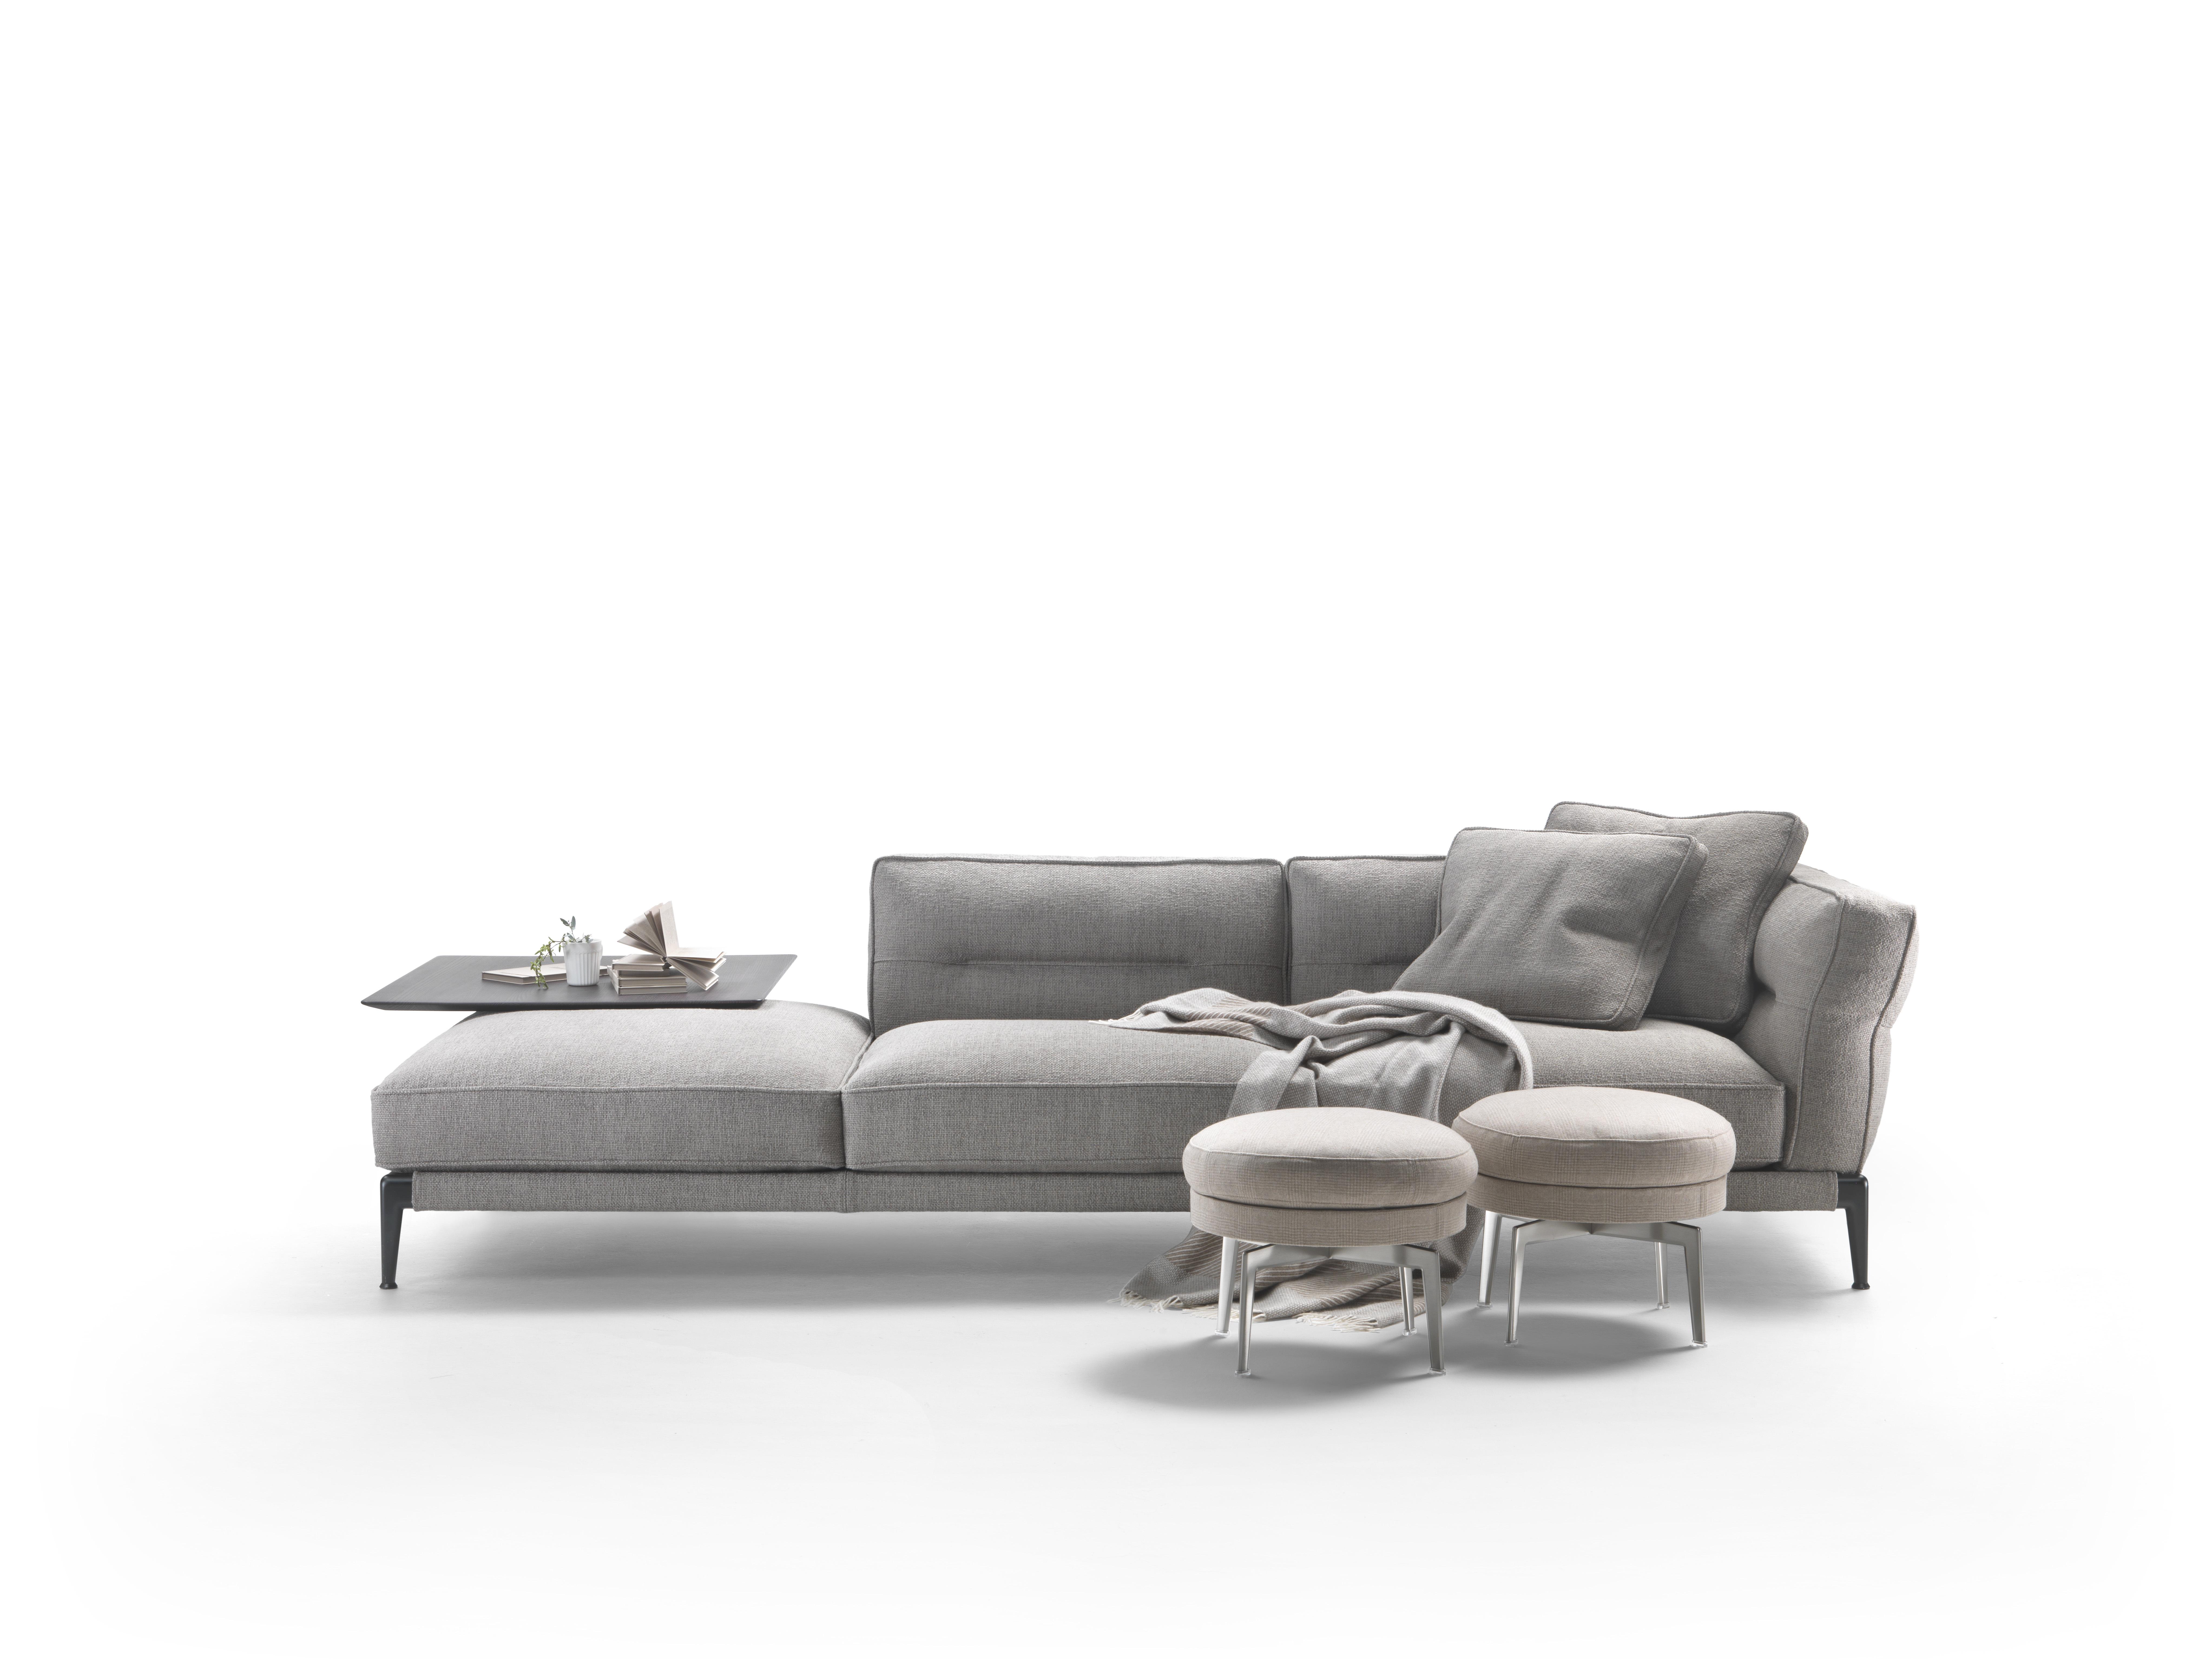 Adda Sofa by Flexform